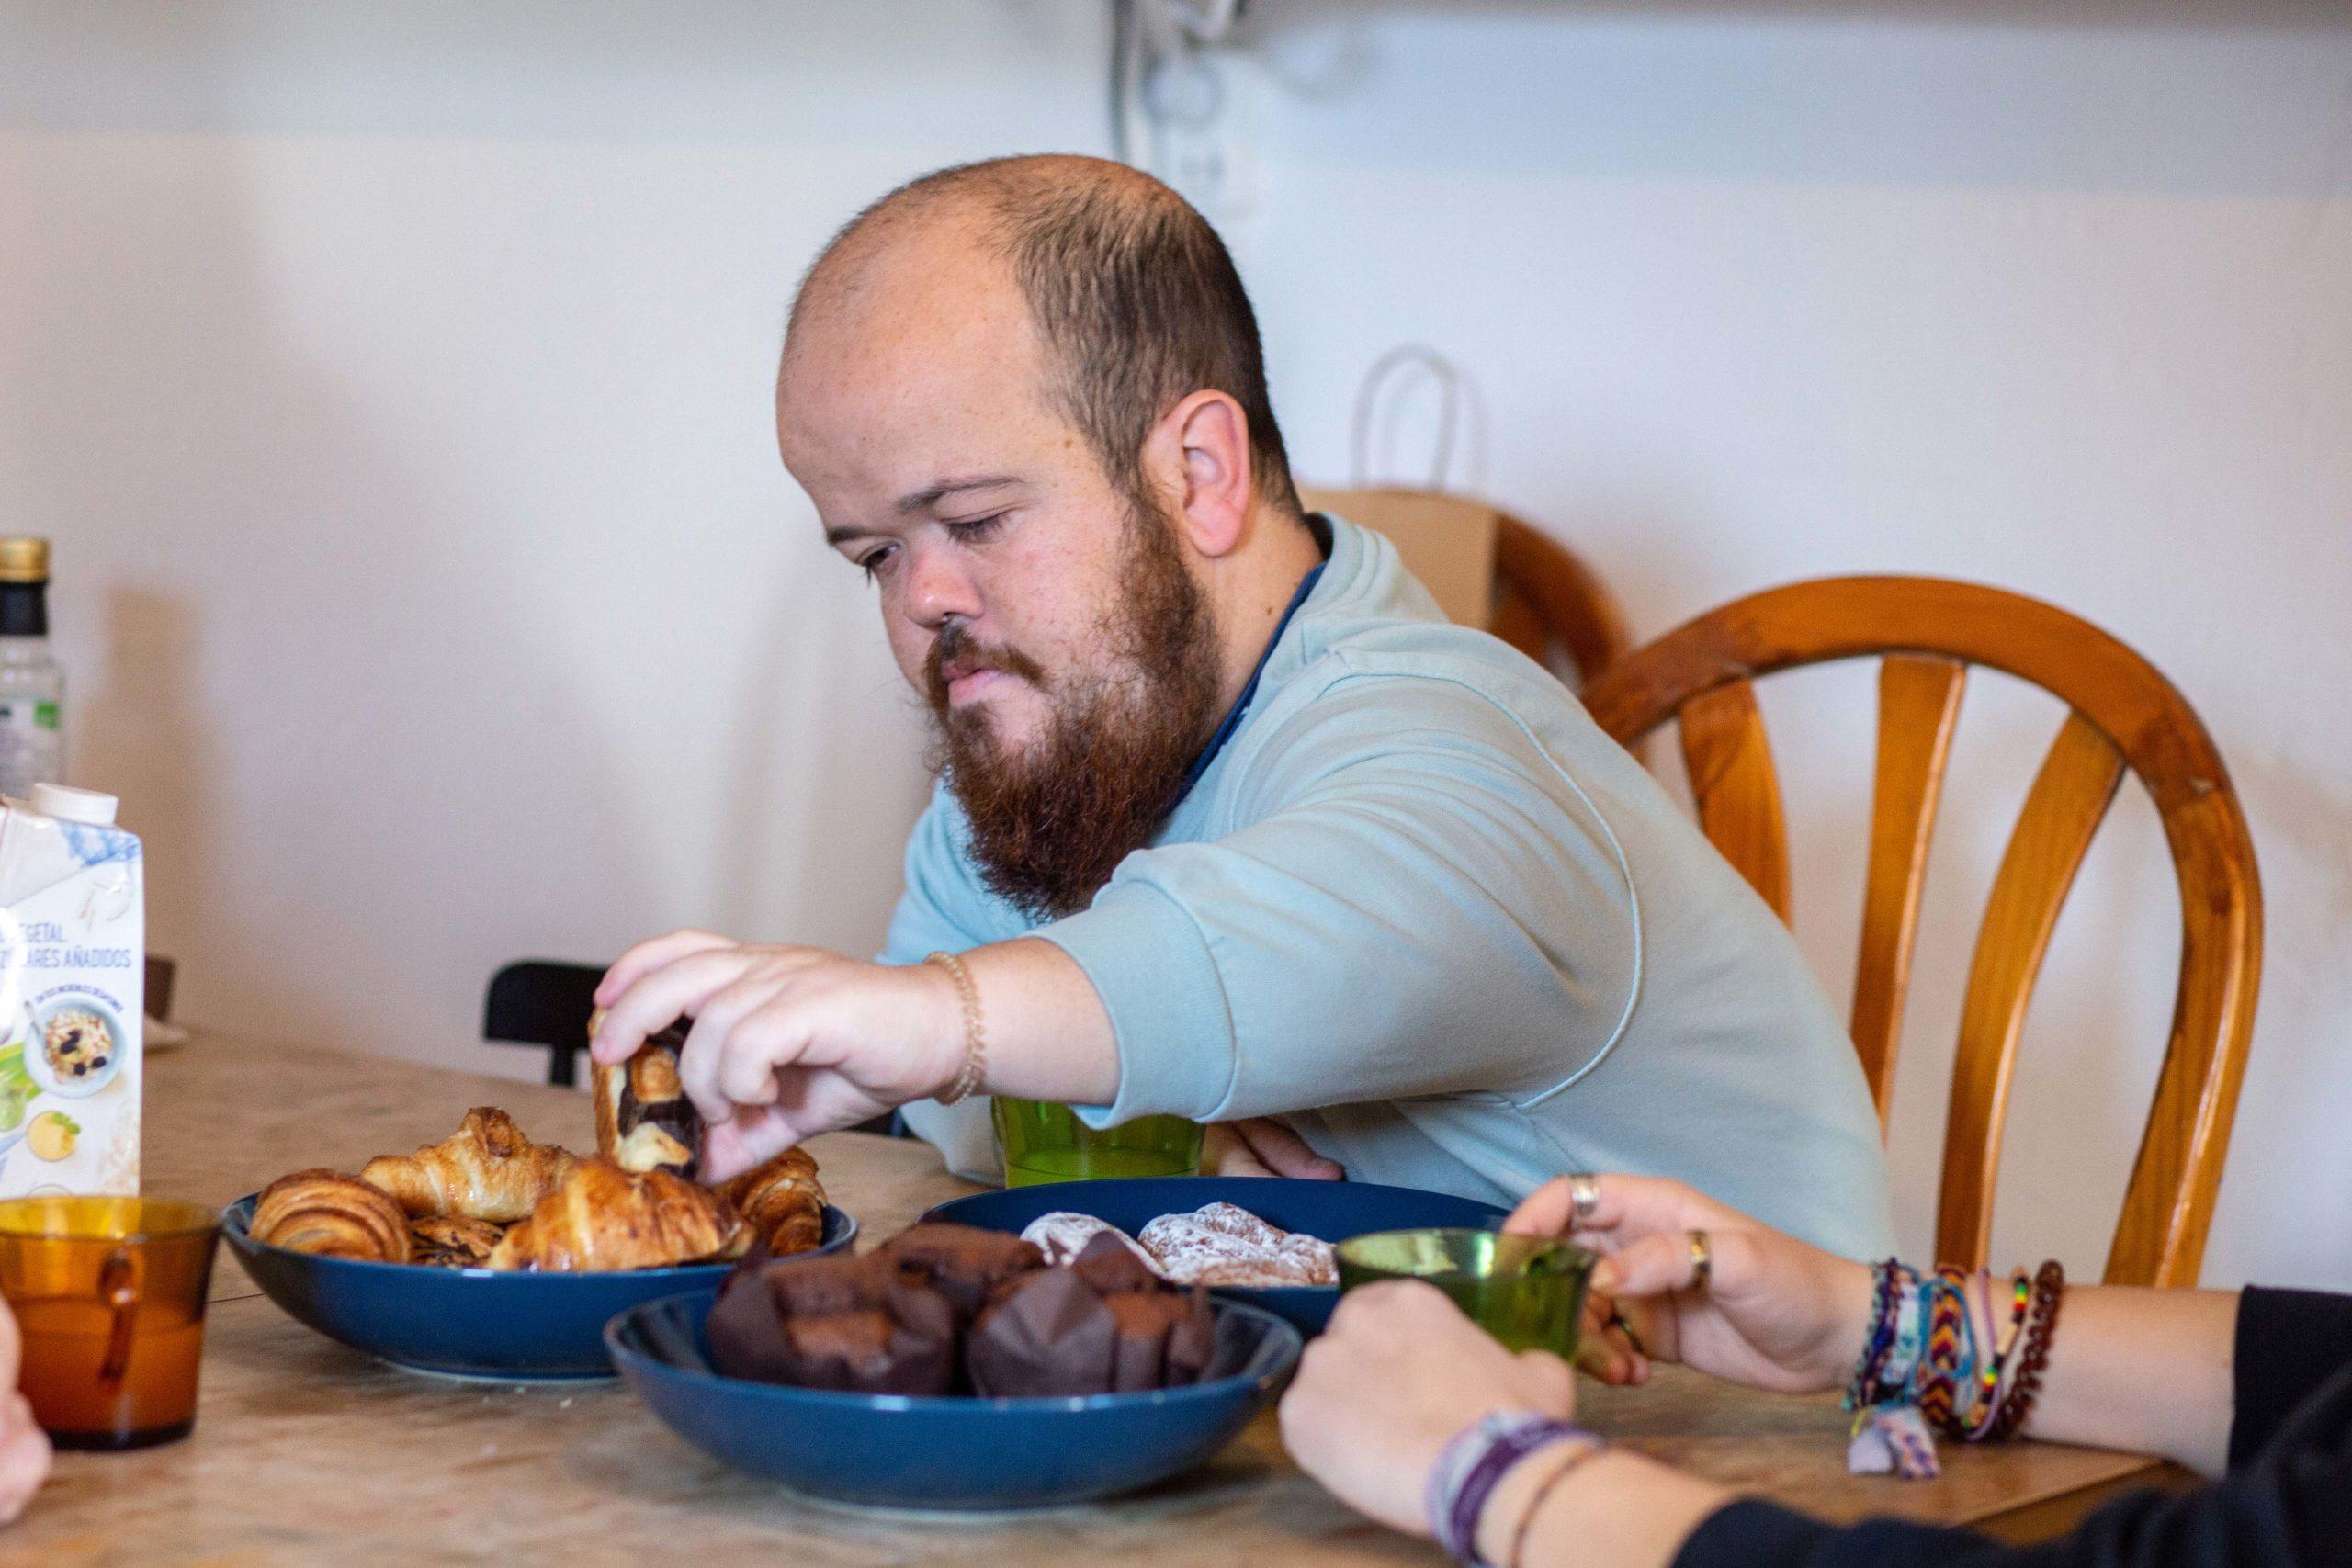 Un noi agafant un croissant d'un plat de la taula del menjador